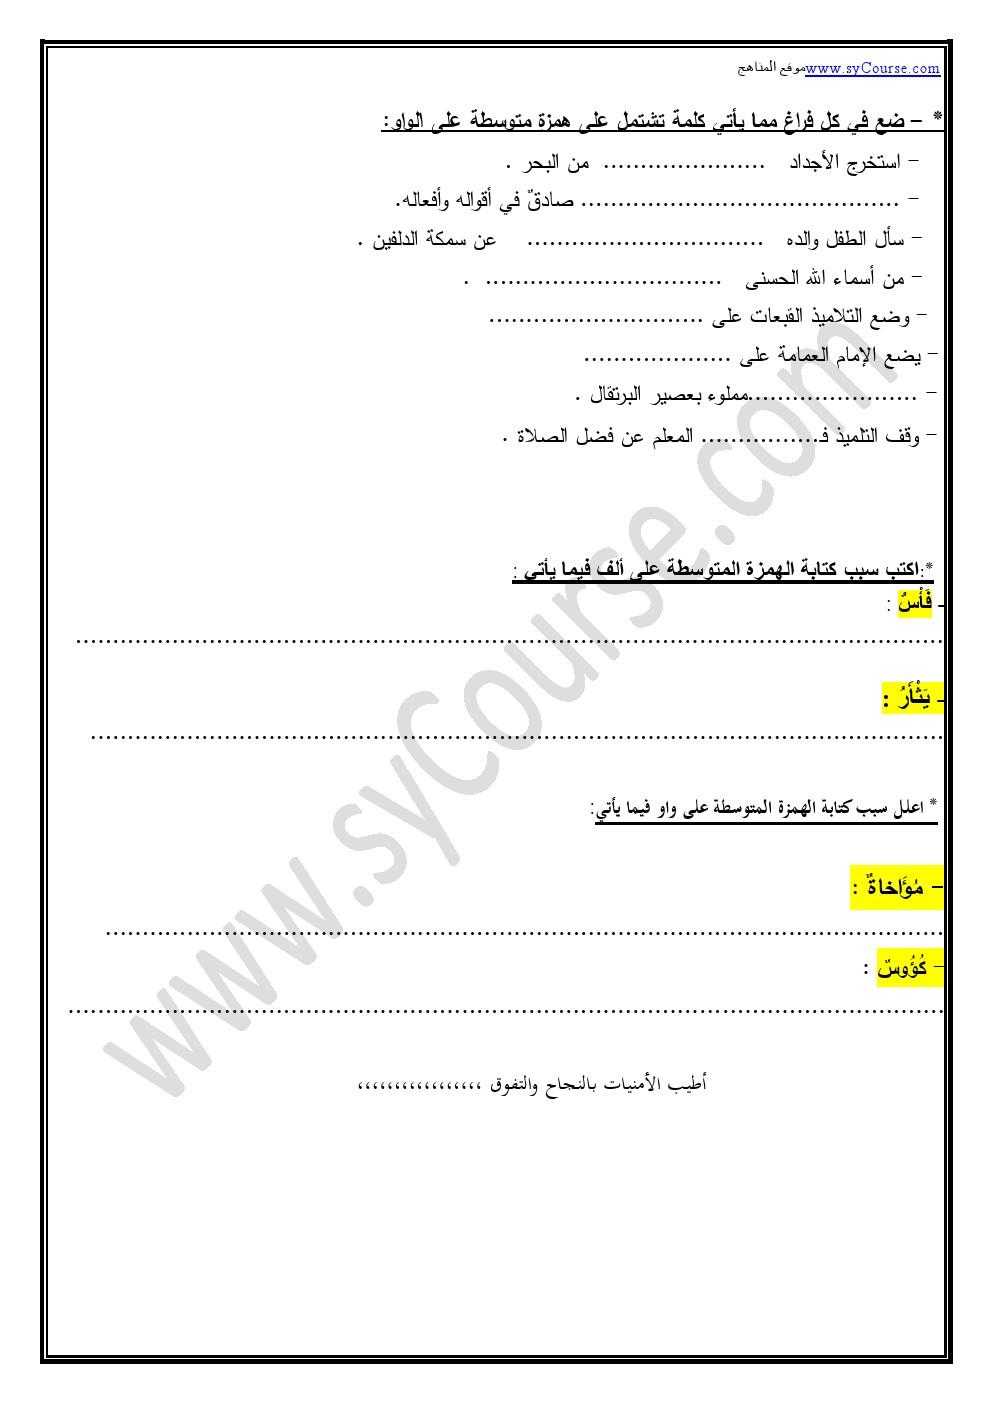 كتاب لغتي للصف الاول الابتدائي الفصل الاول pdf